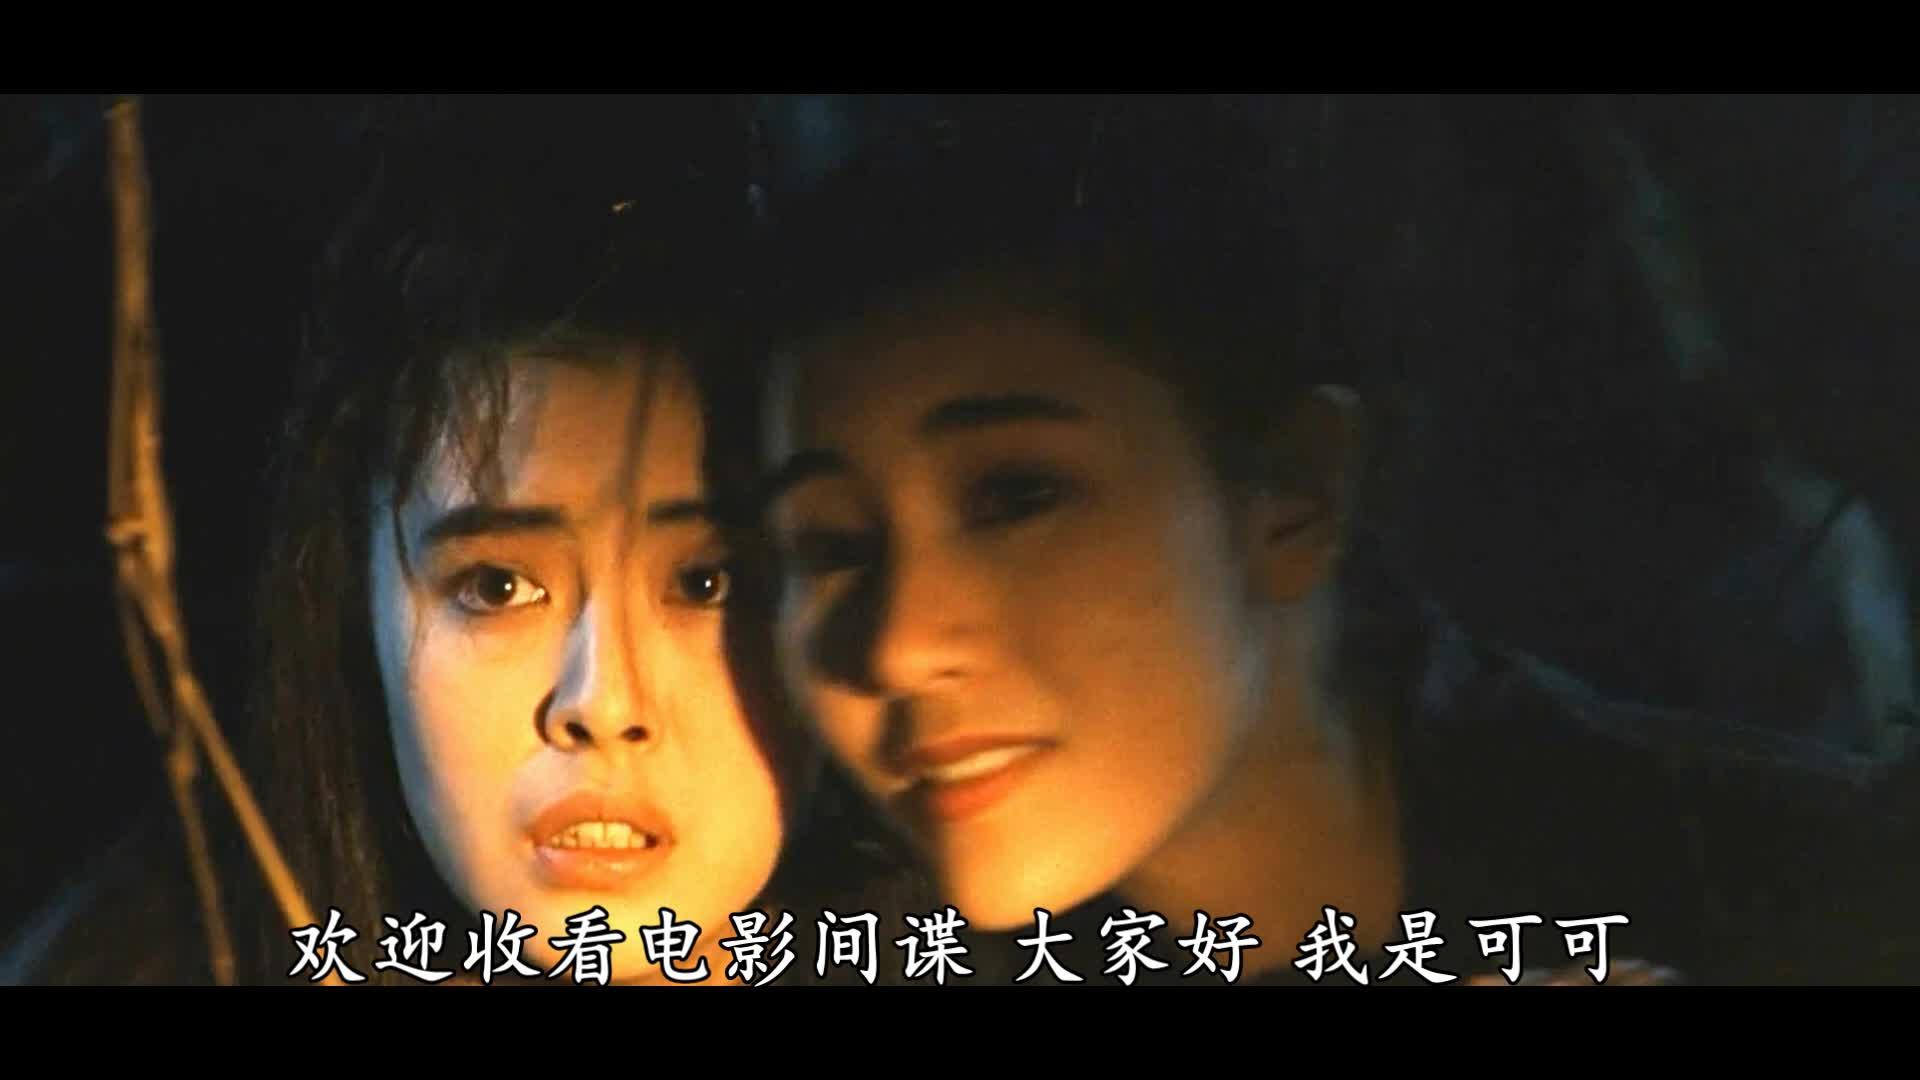 #经典看电影#28年前一部经典奇幻片,全程让人大饱眼福,祖贤以后再无小倩